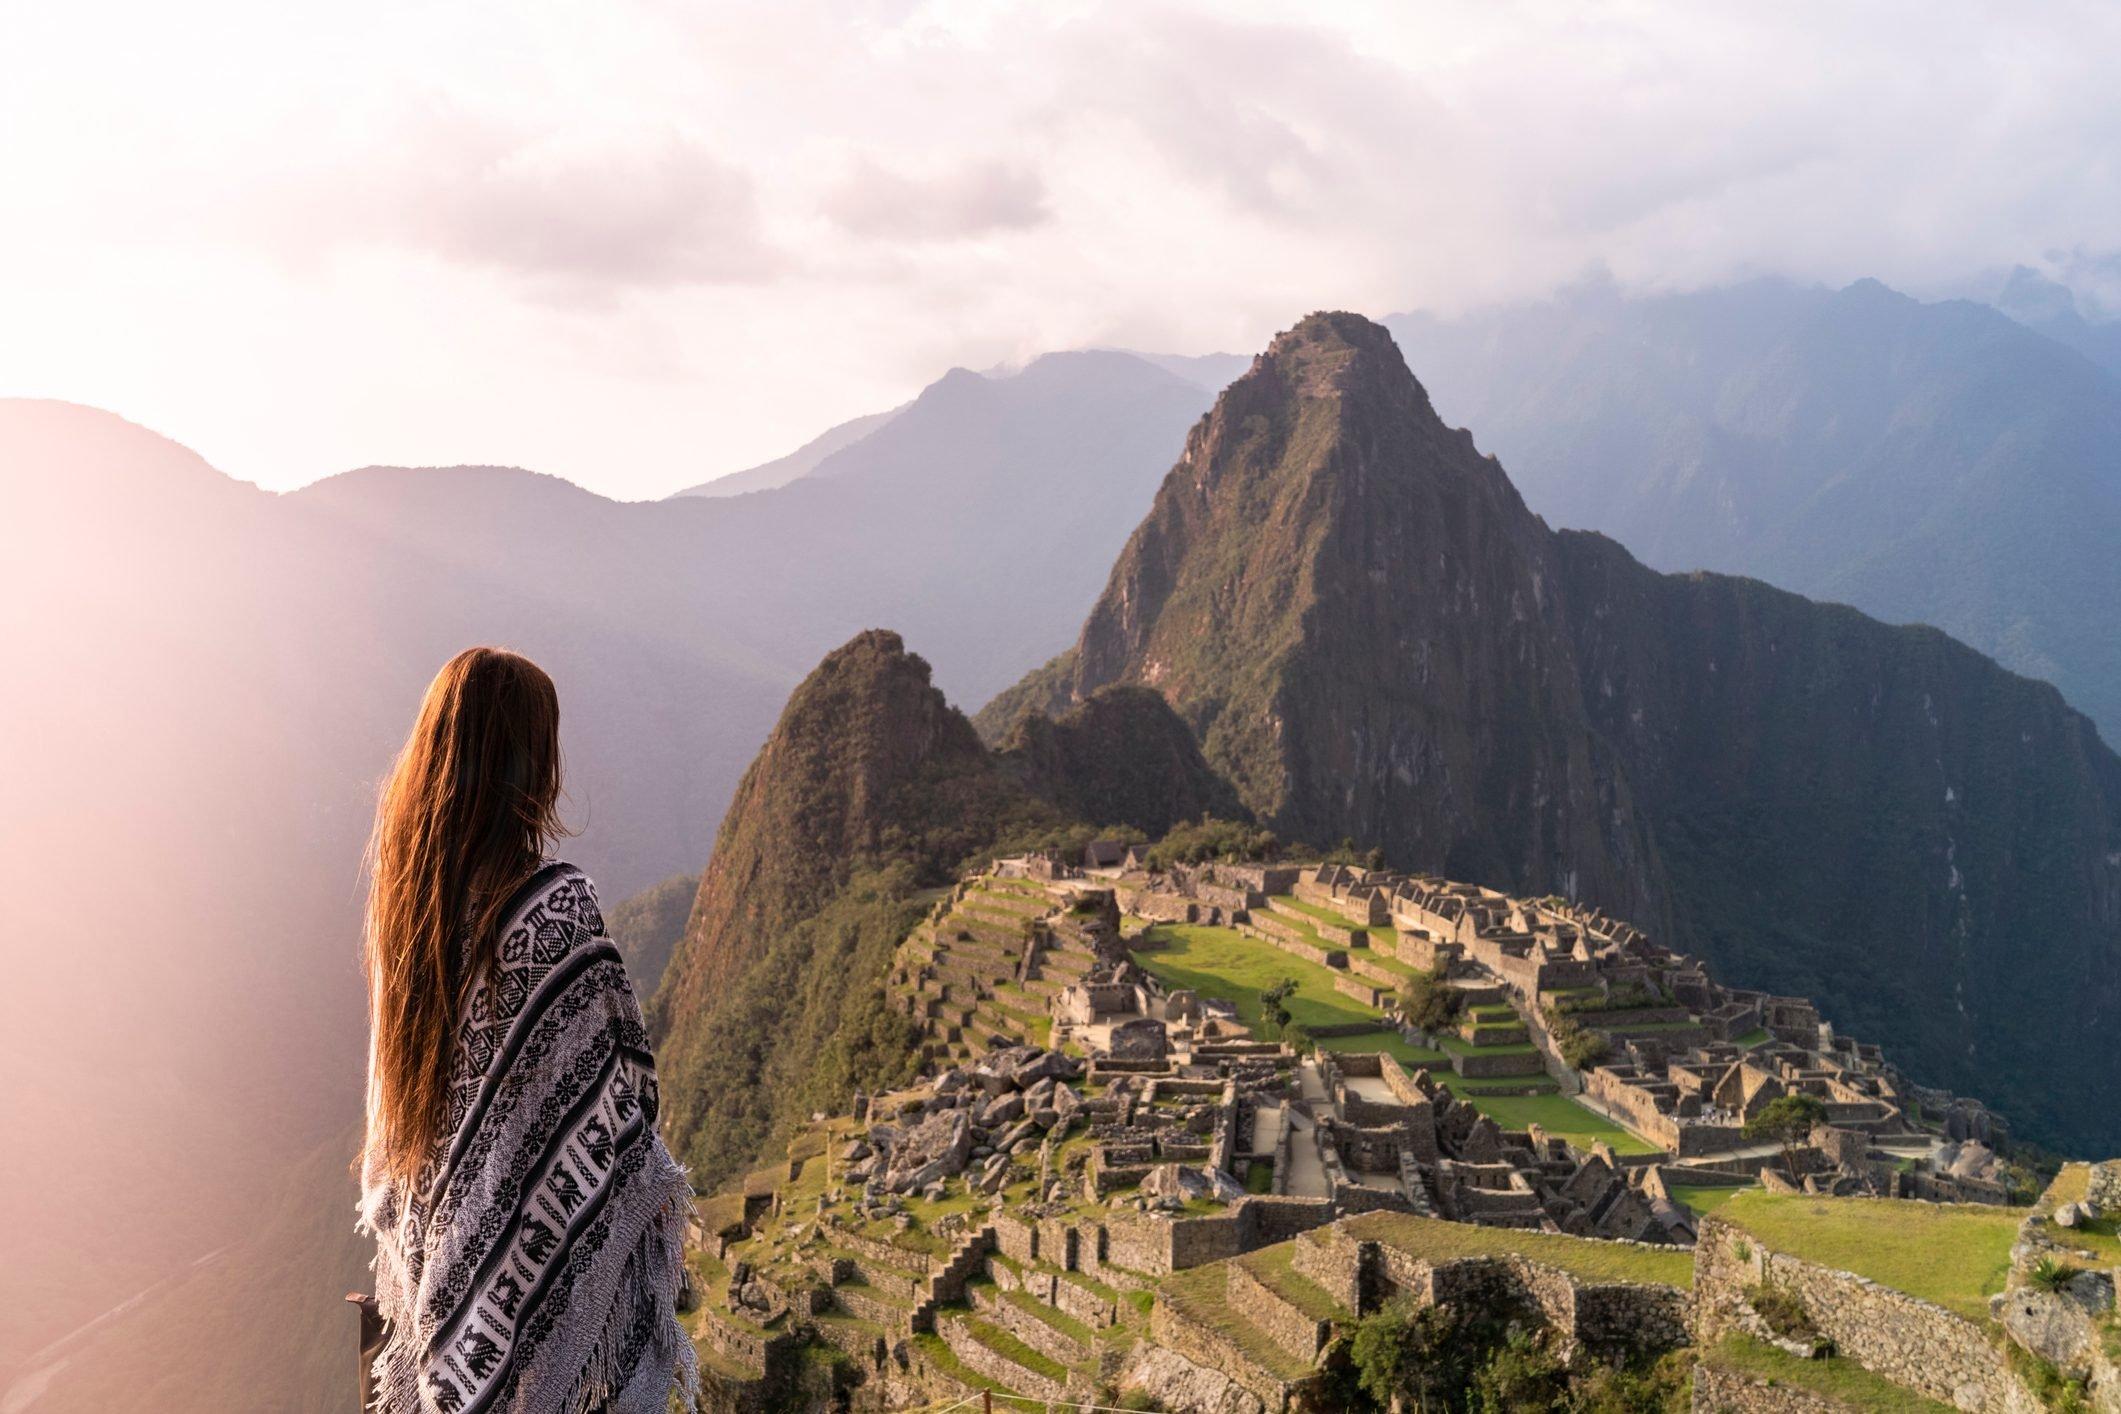 Girl standing in front of Machu Picchu Peru, South America